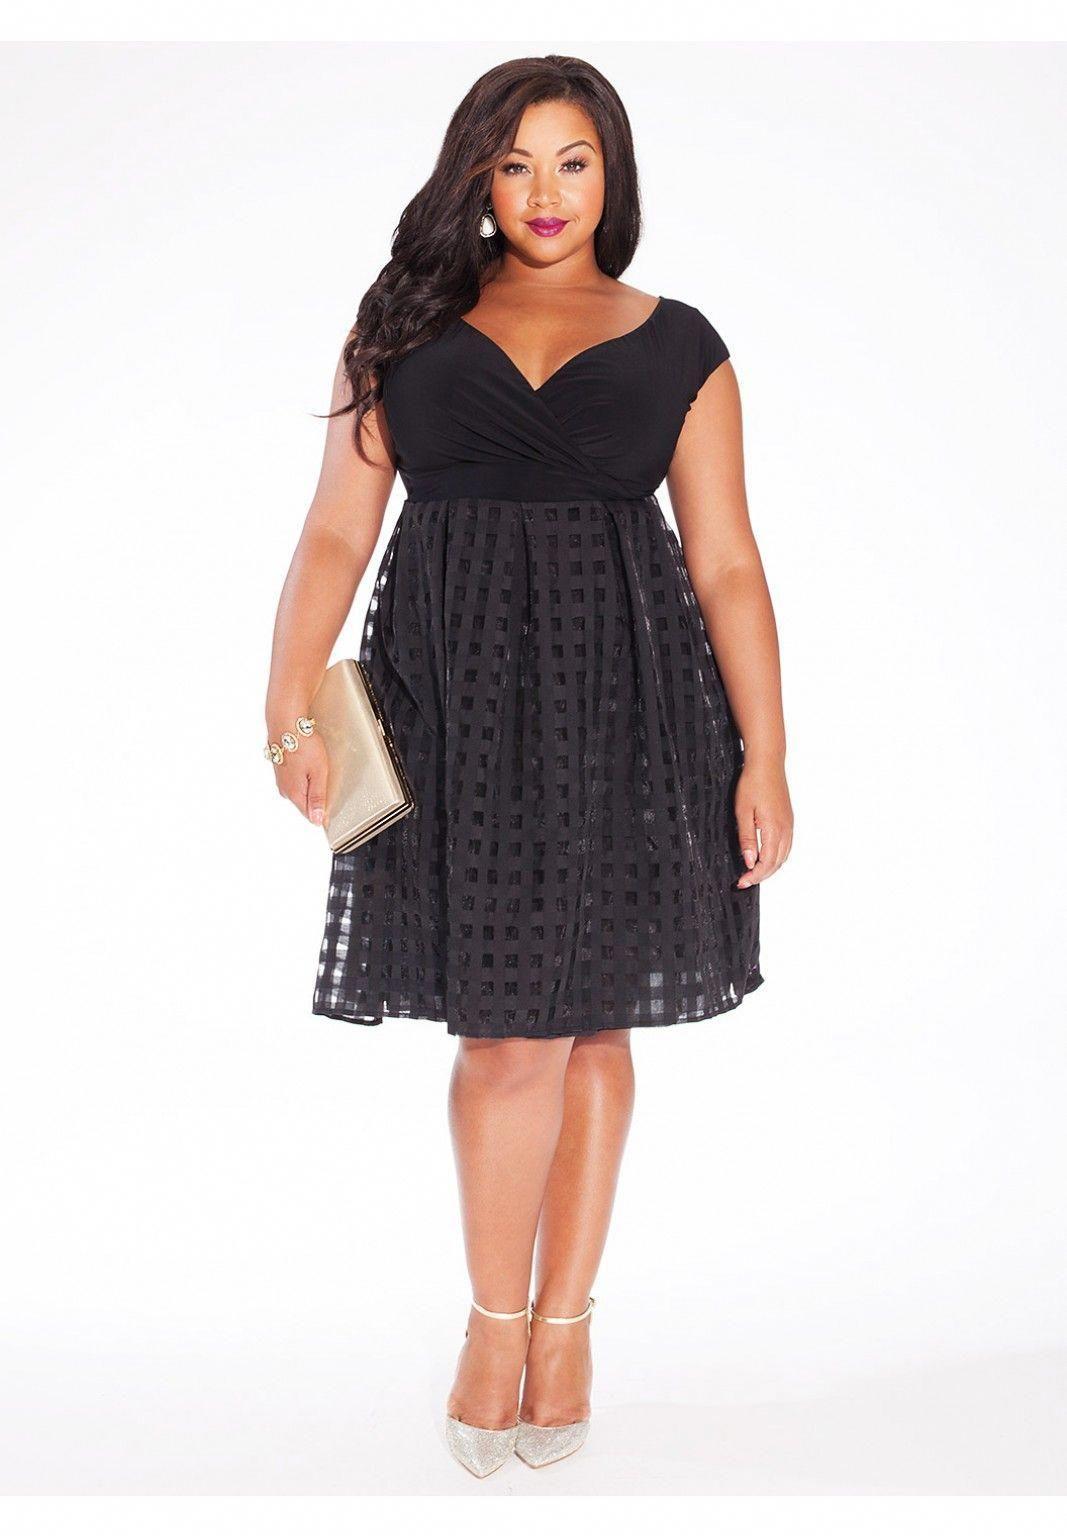 d56a1c51ecf New Look Plus Size Dresses Sale